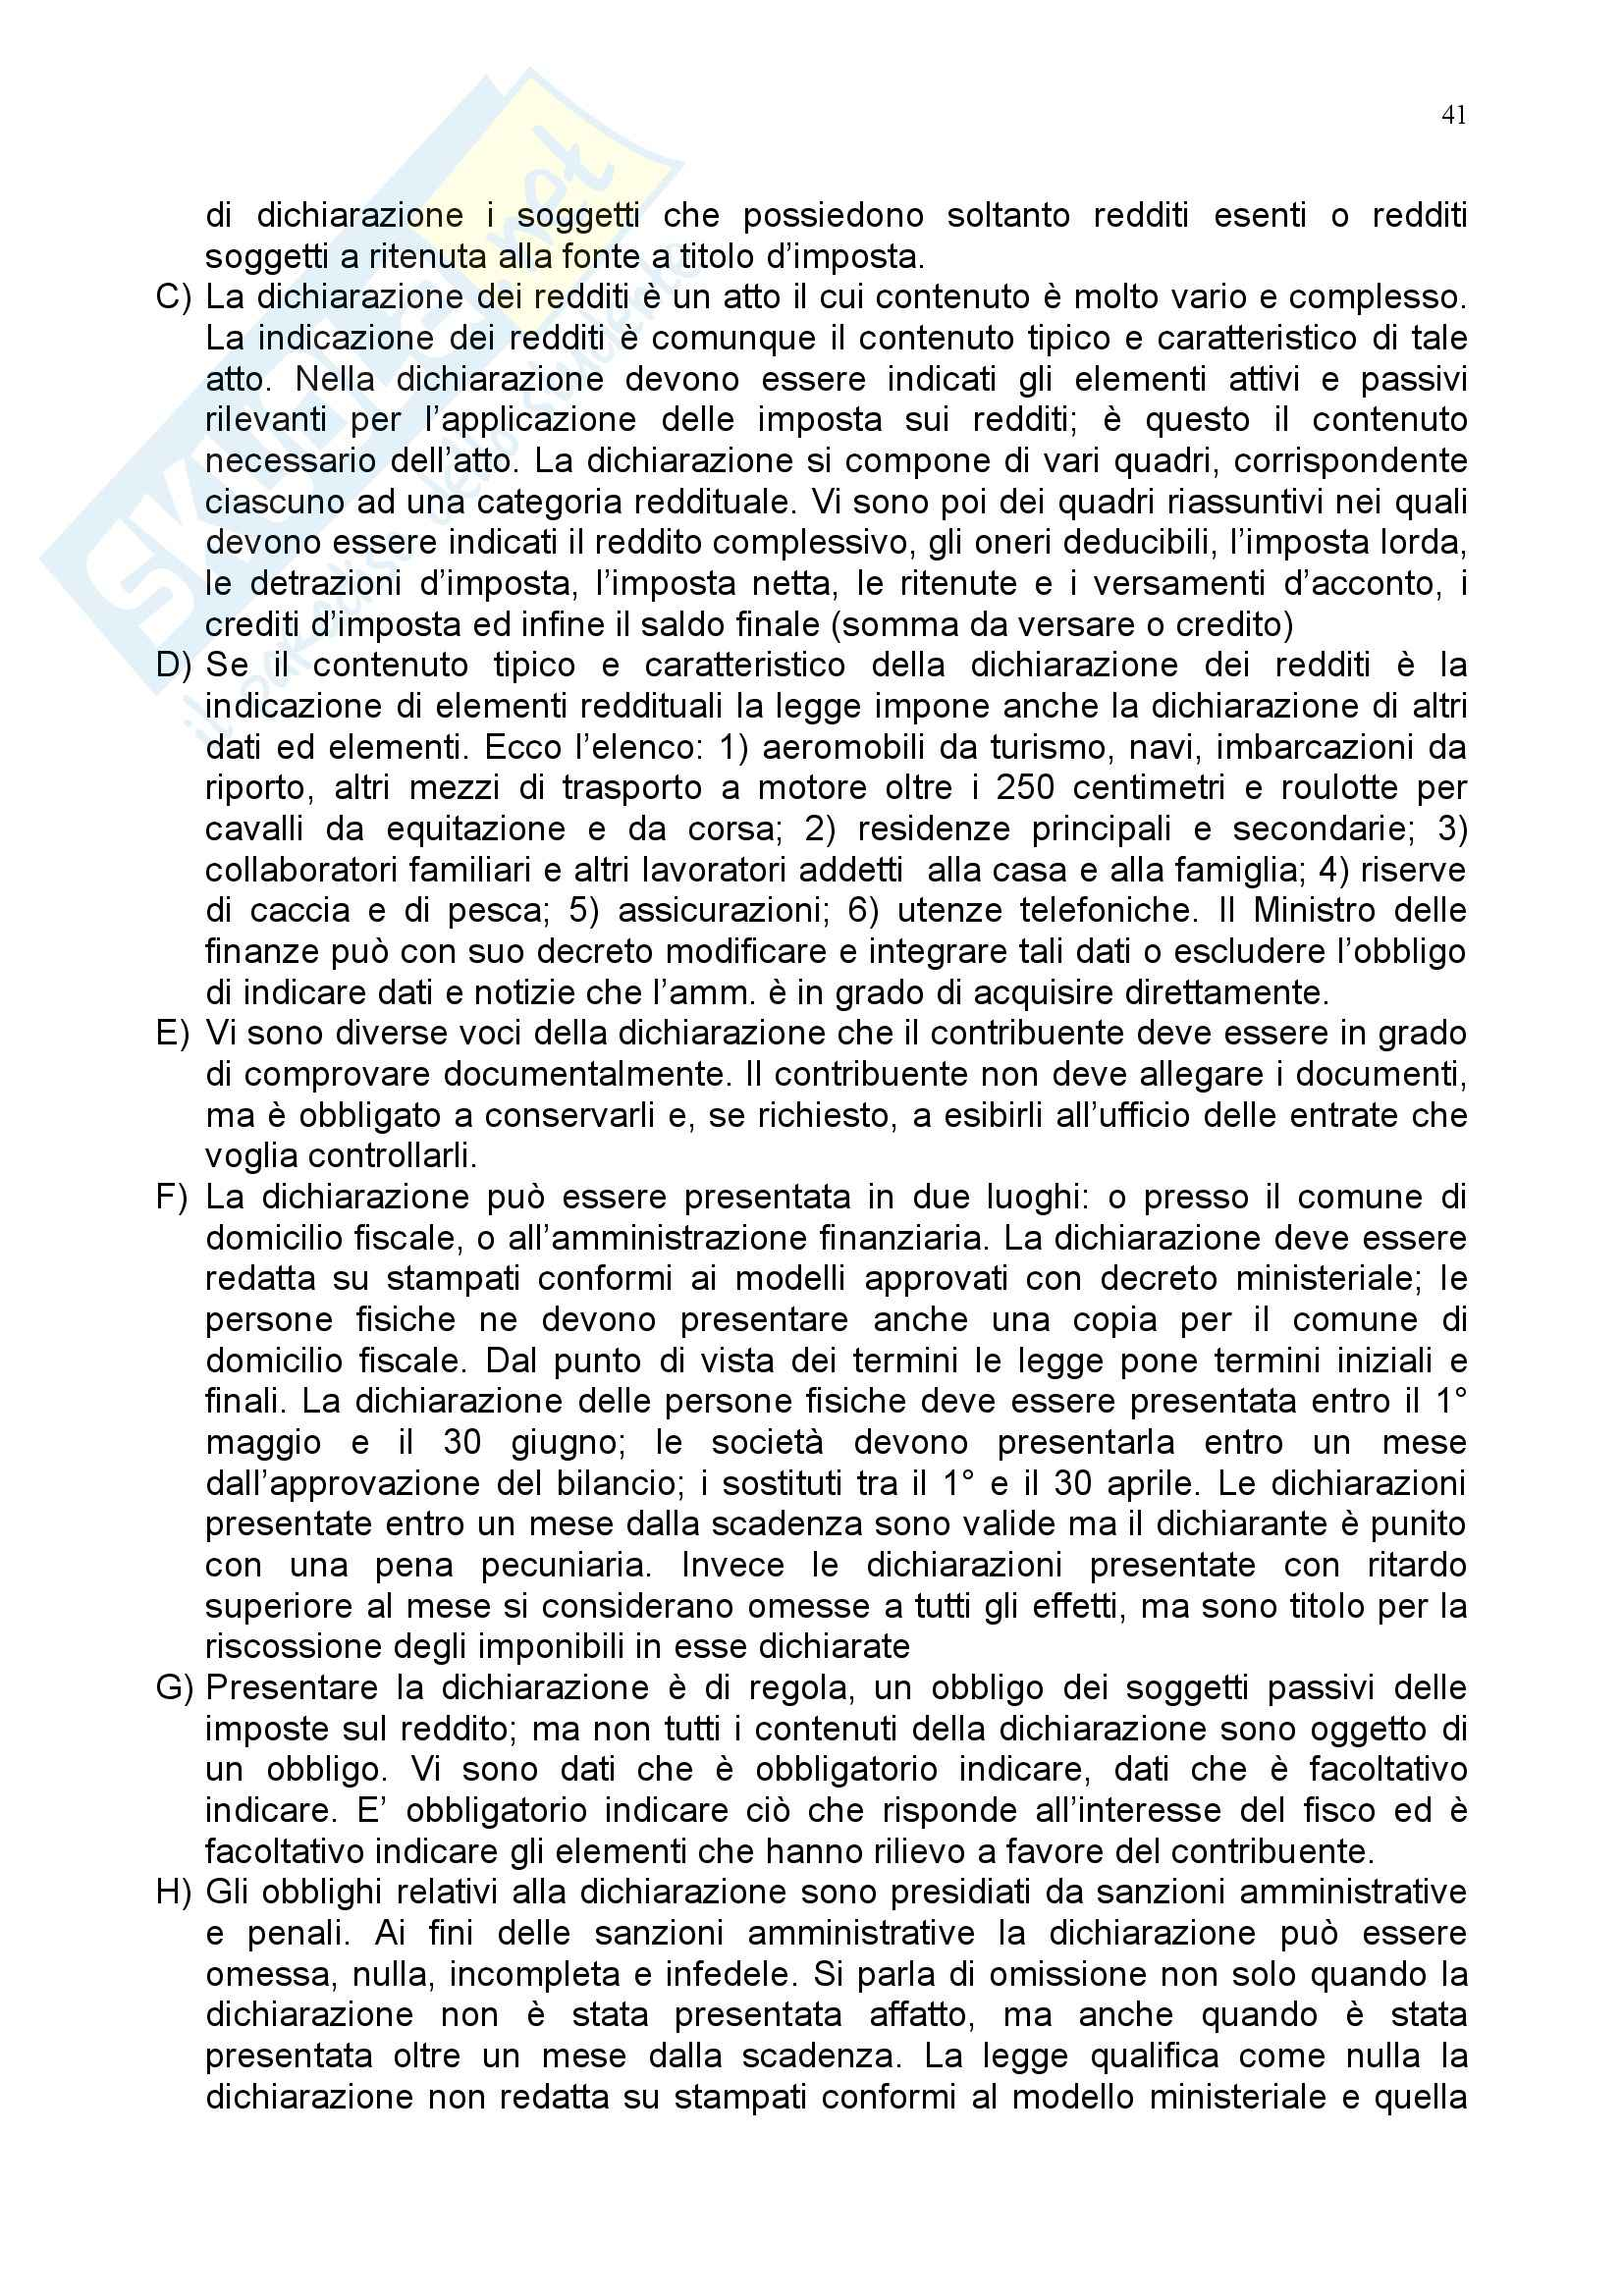 Riassunto esame Diritto Tributario, prof. Coppola, libro consigliato Istituzioni di Diritto Tributario, Tesauro Pag. 41